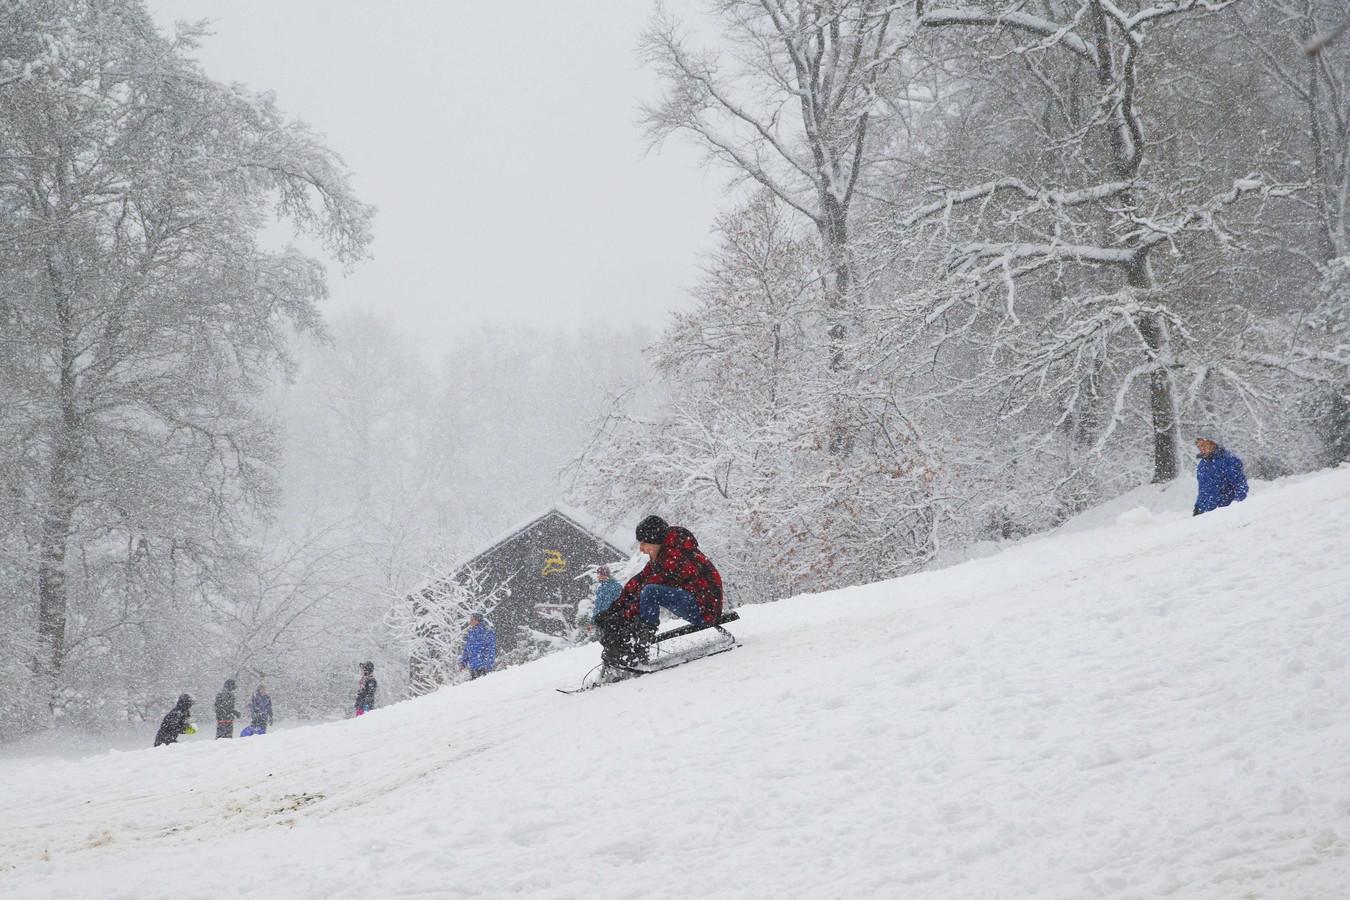 Sneeuwpret op de Hoge Veluwe in december vorig jaar.